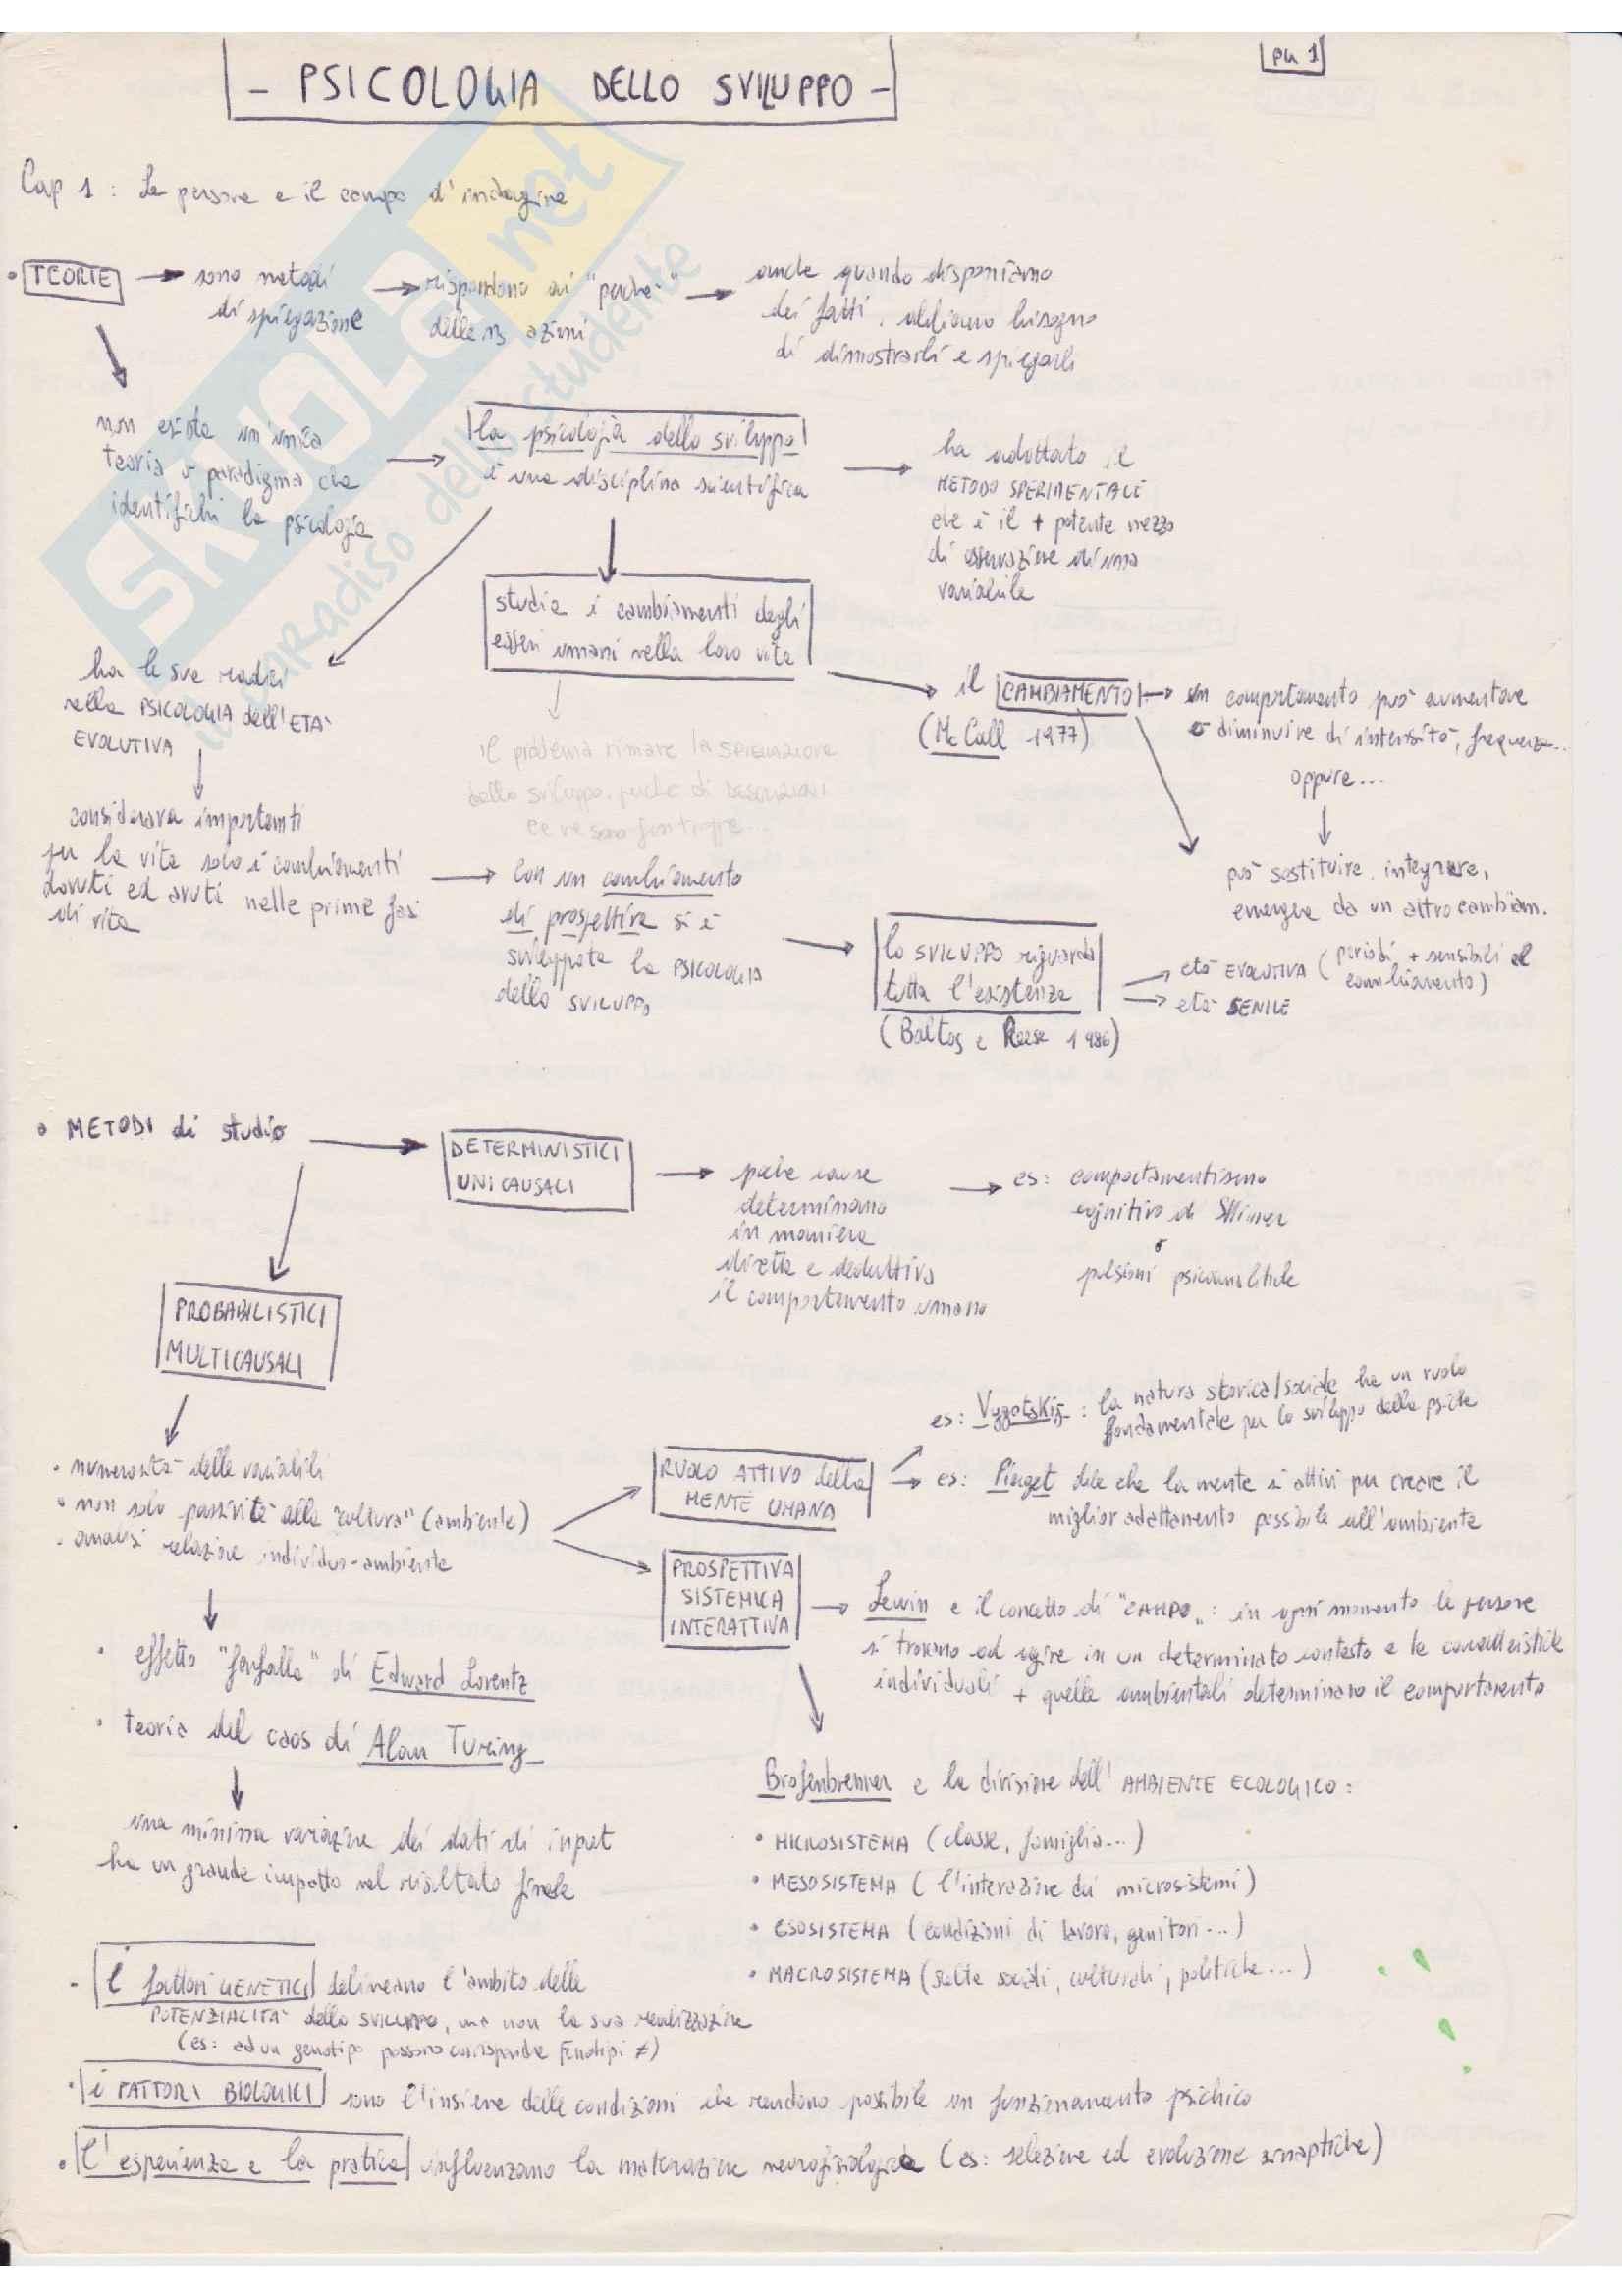 Riassunto esame psicologia dello sviluppo, prof. Paolo Albiero, testo consigliato: Psicologia dello sviluppo, Belsky